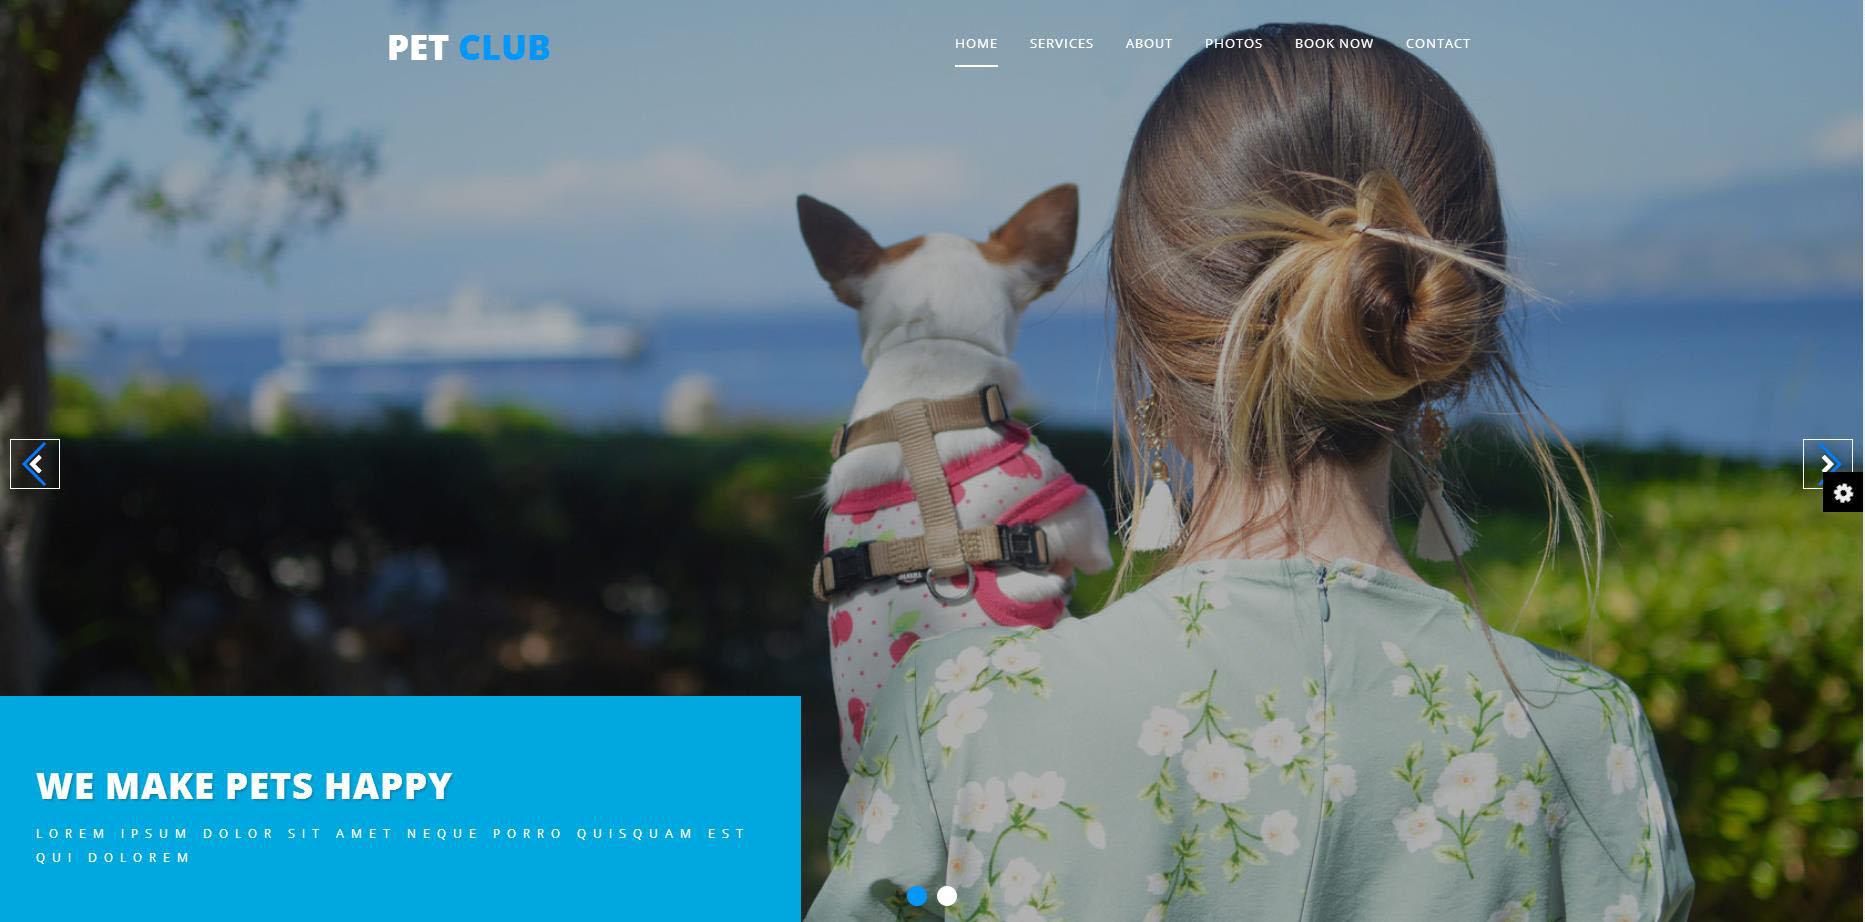 宠物之家响应式网站模板